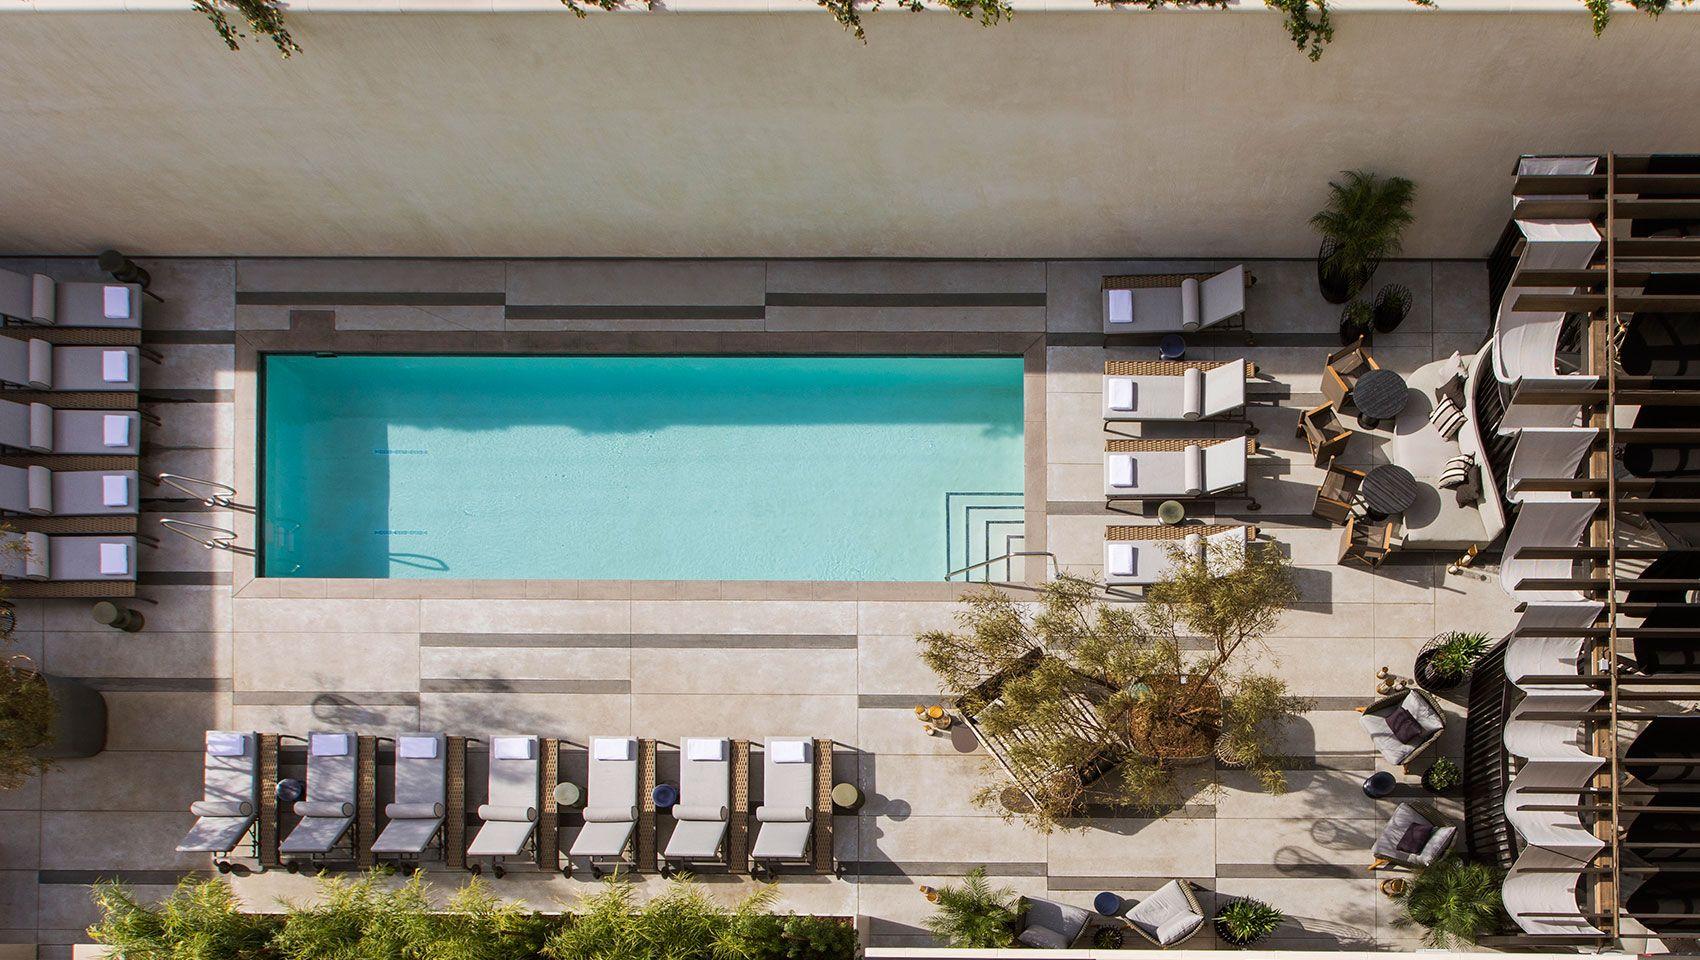 kimpton los angeles la peer hotel pool Hotel, Courtyard